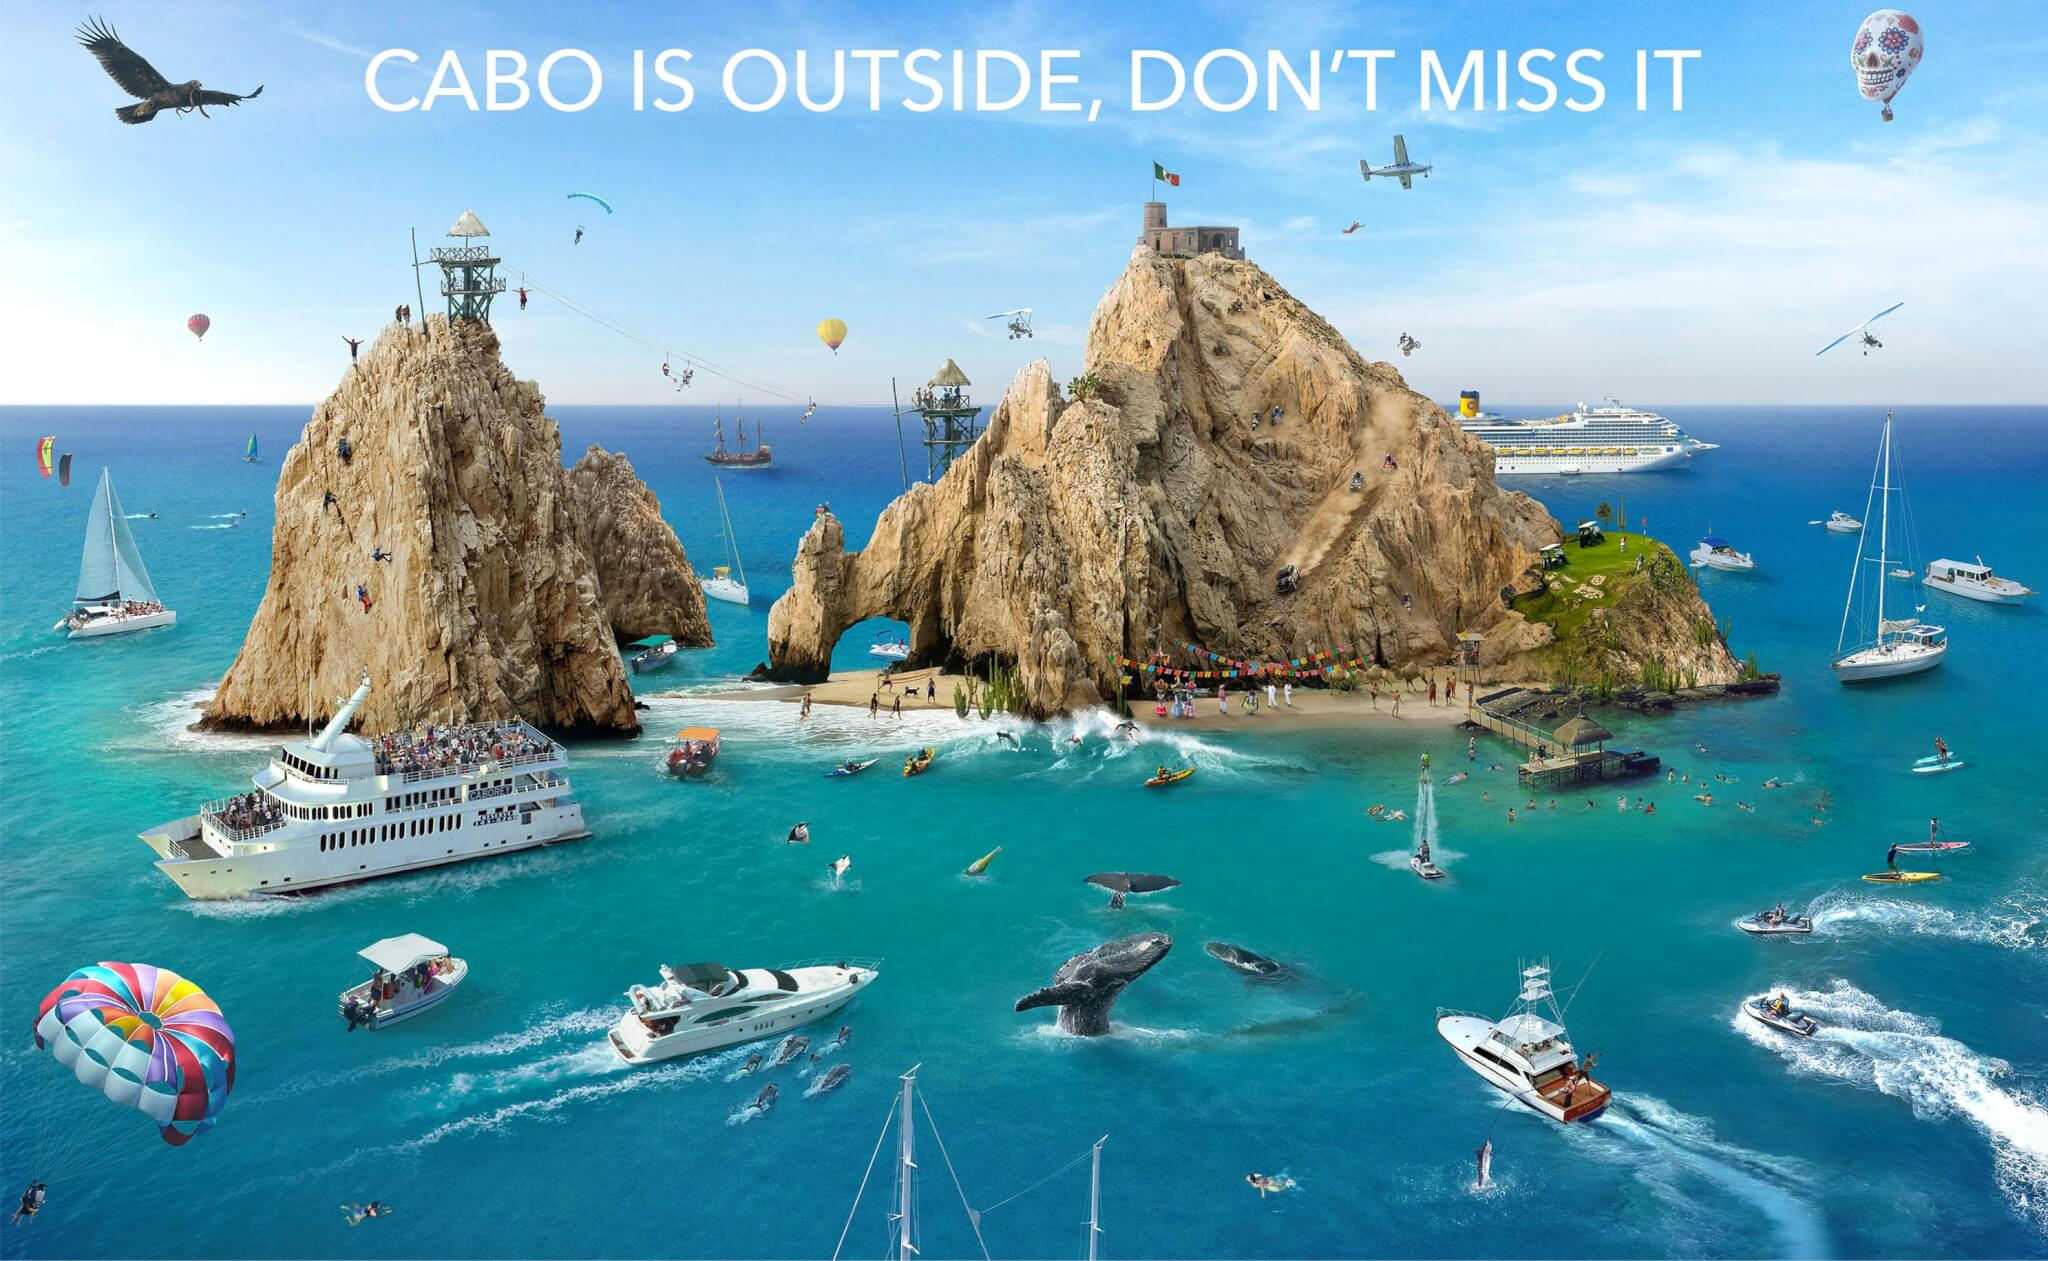 лос кабос, мексика, туры и экскурсии